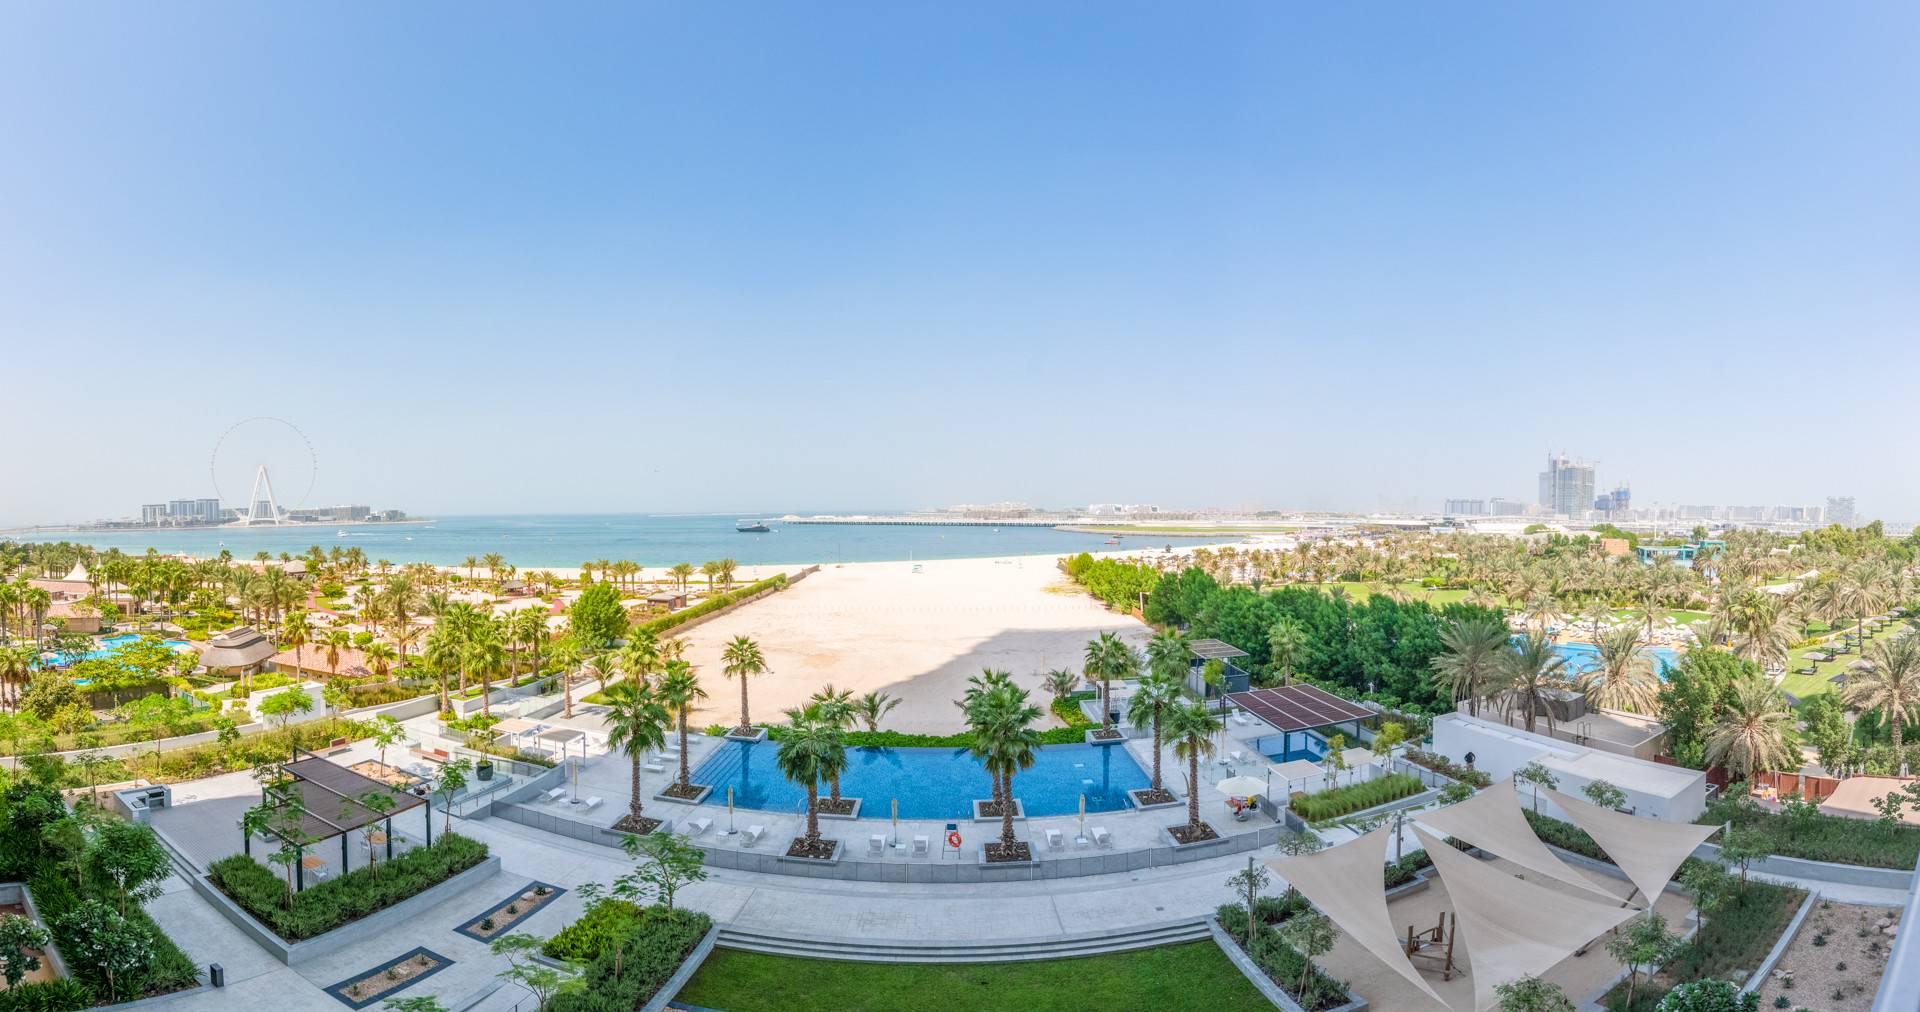 Apartment, sale in 1 JBR Dubai, UAE